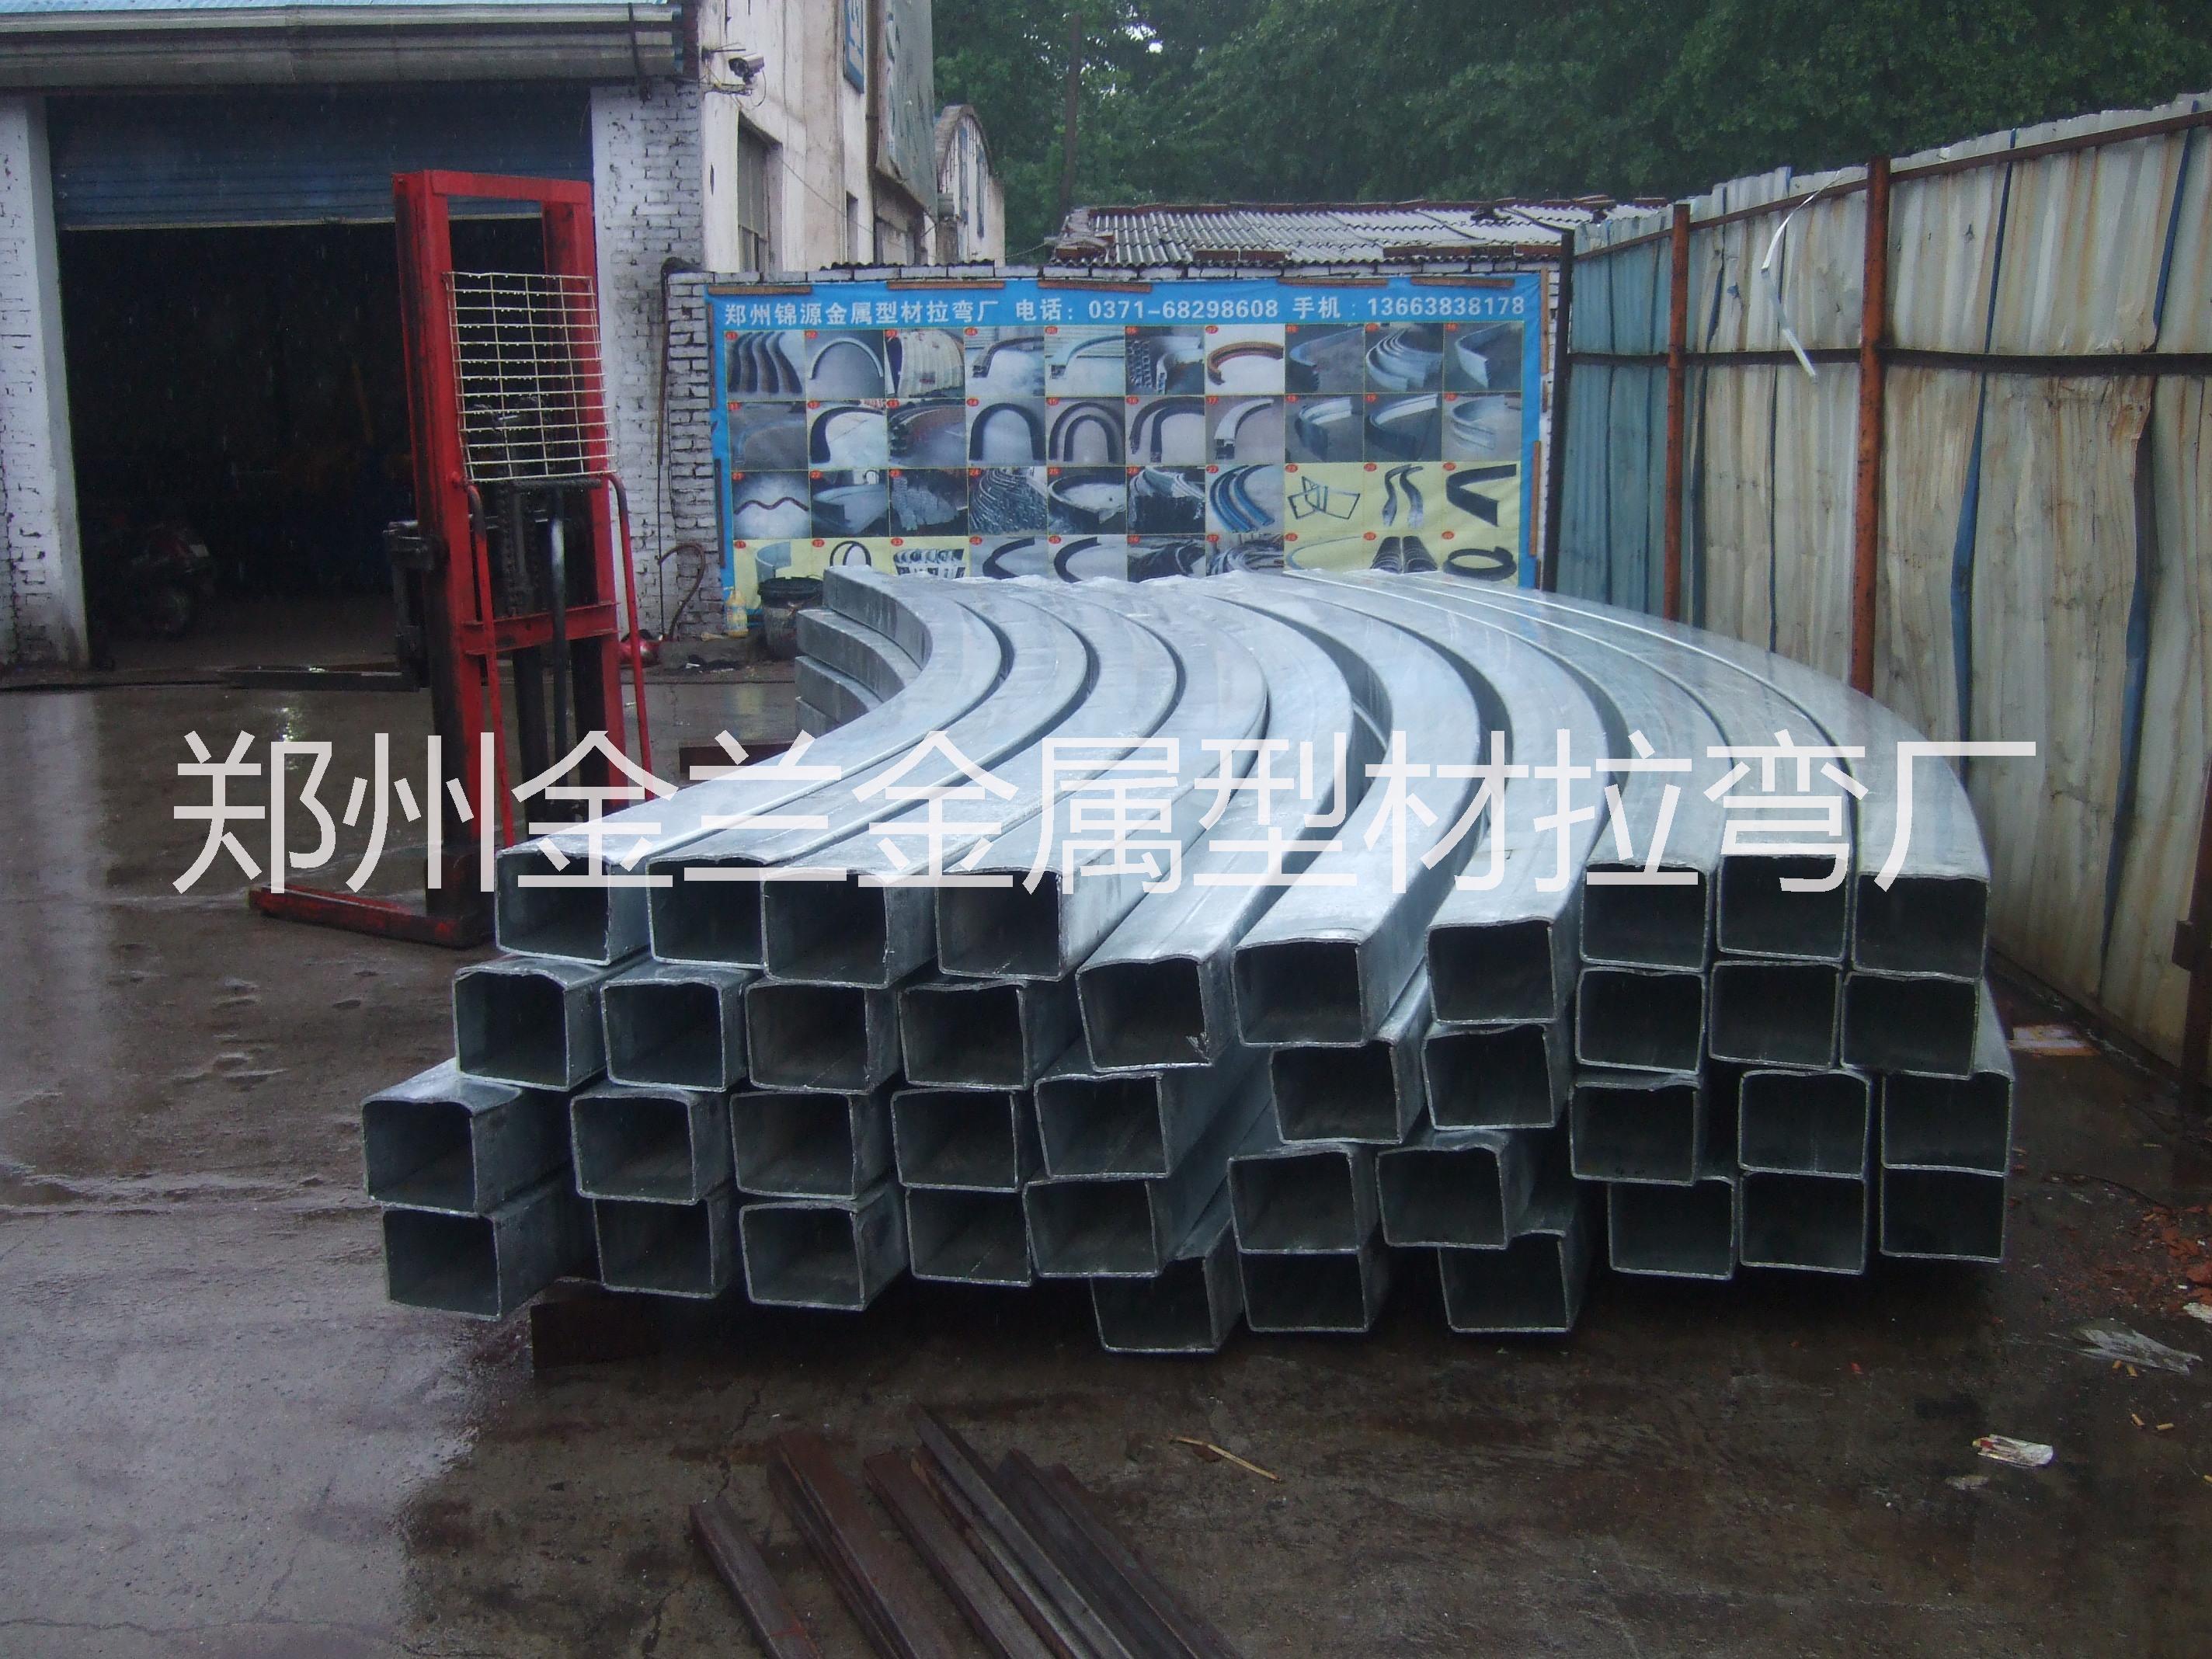 河南郑州铝型材|型材拉弯|加工厂家|工厂|报价|价格|哪家好|找郑州锦兰建材有限公司 河南型材拉弯